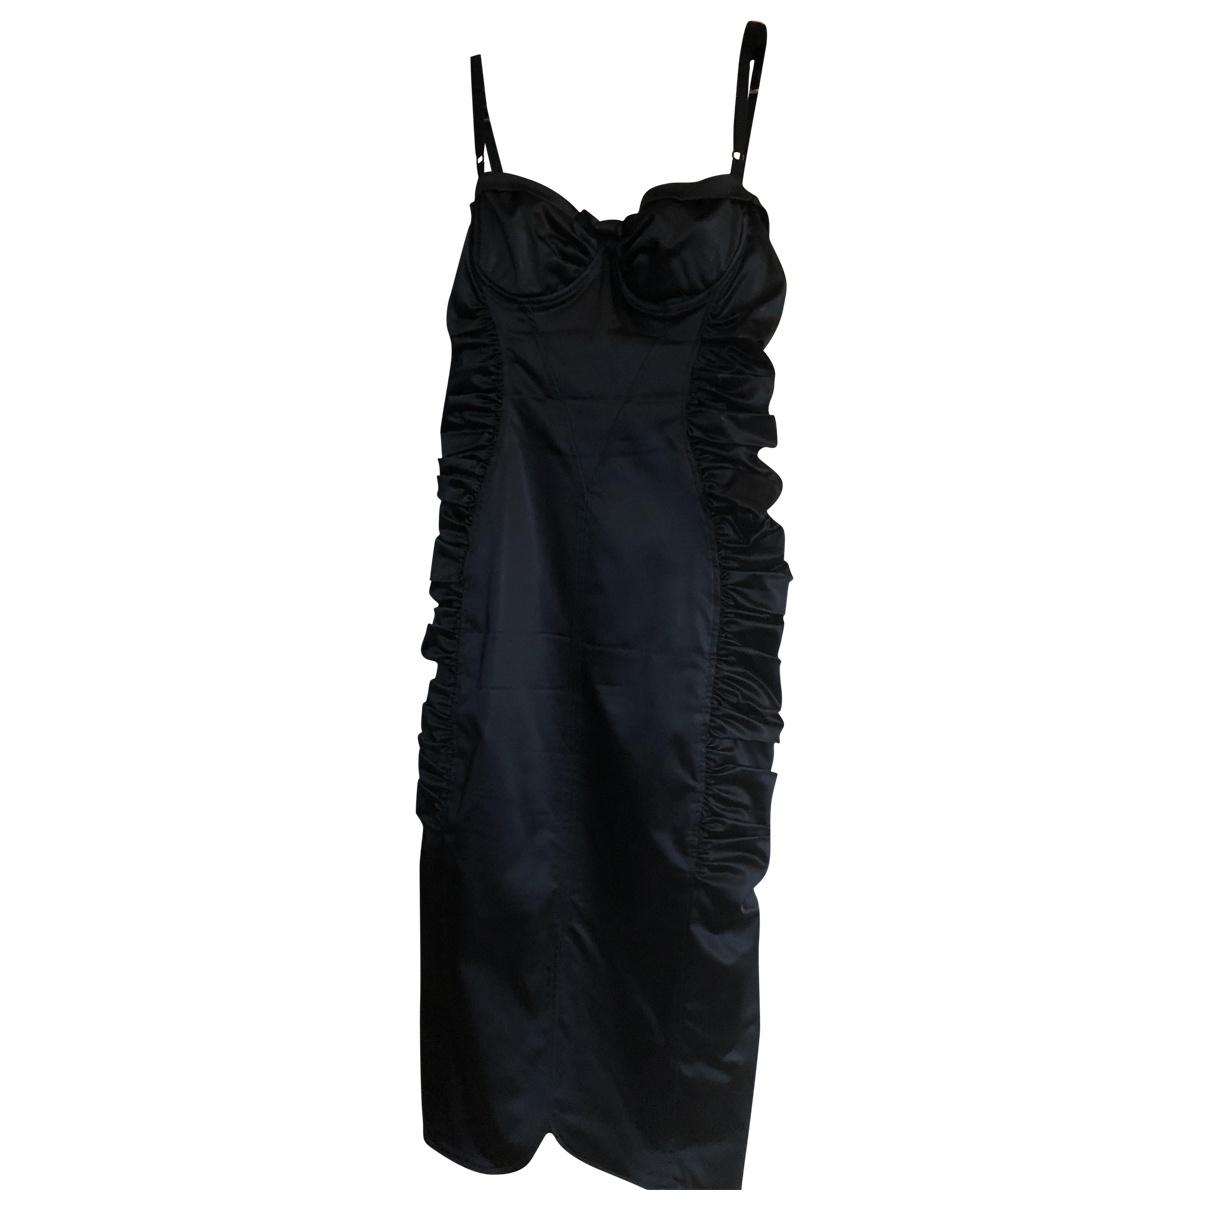 D&g - Robe   pour femme - noir